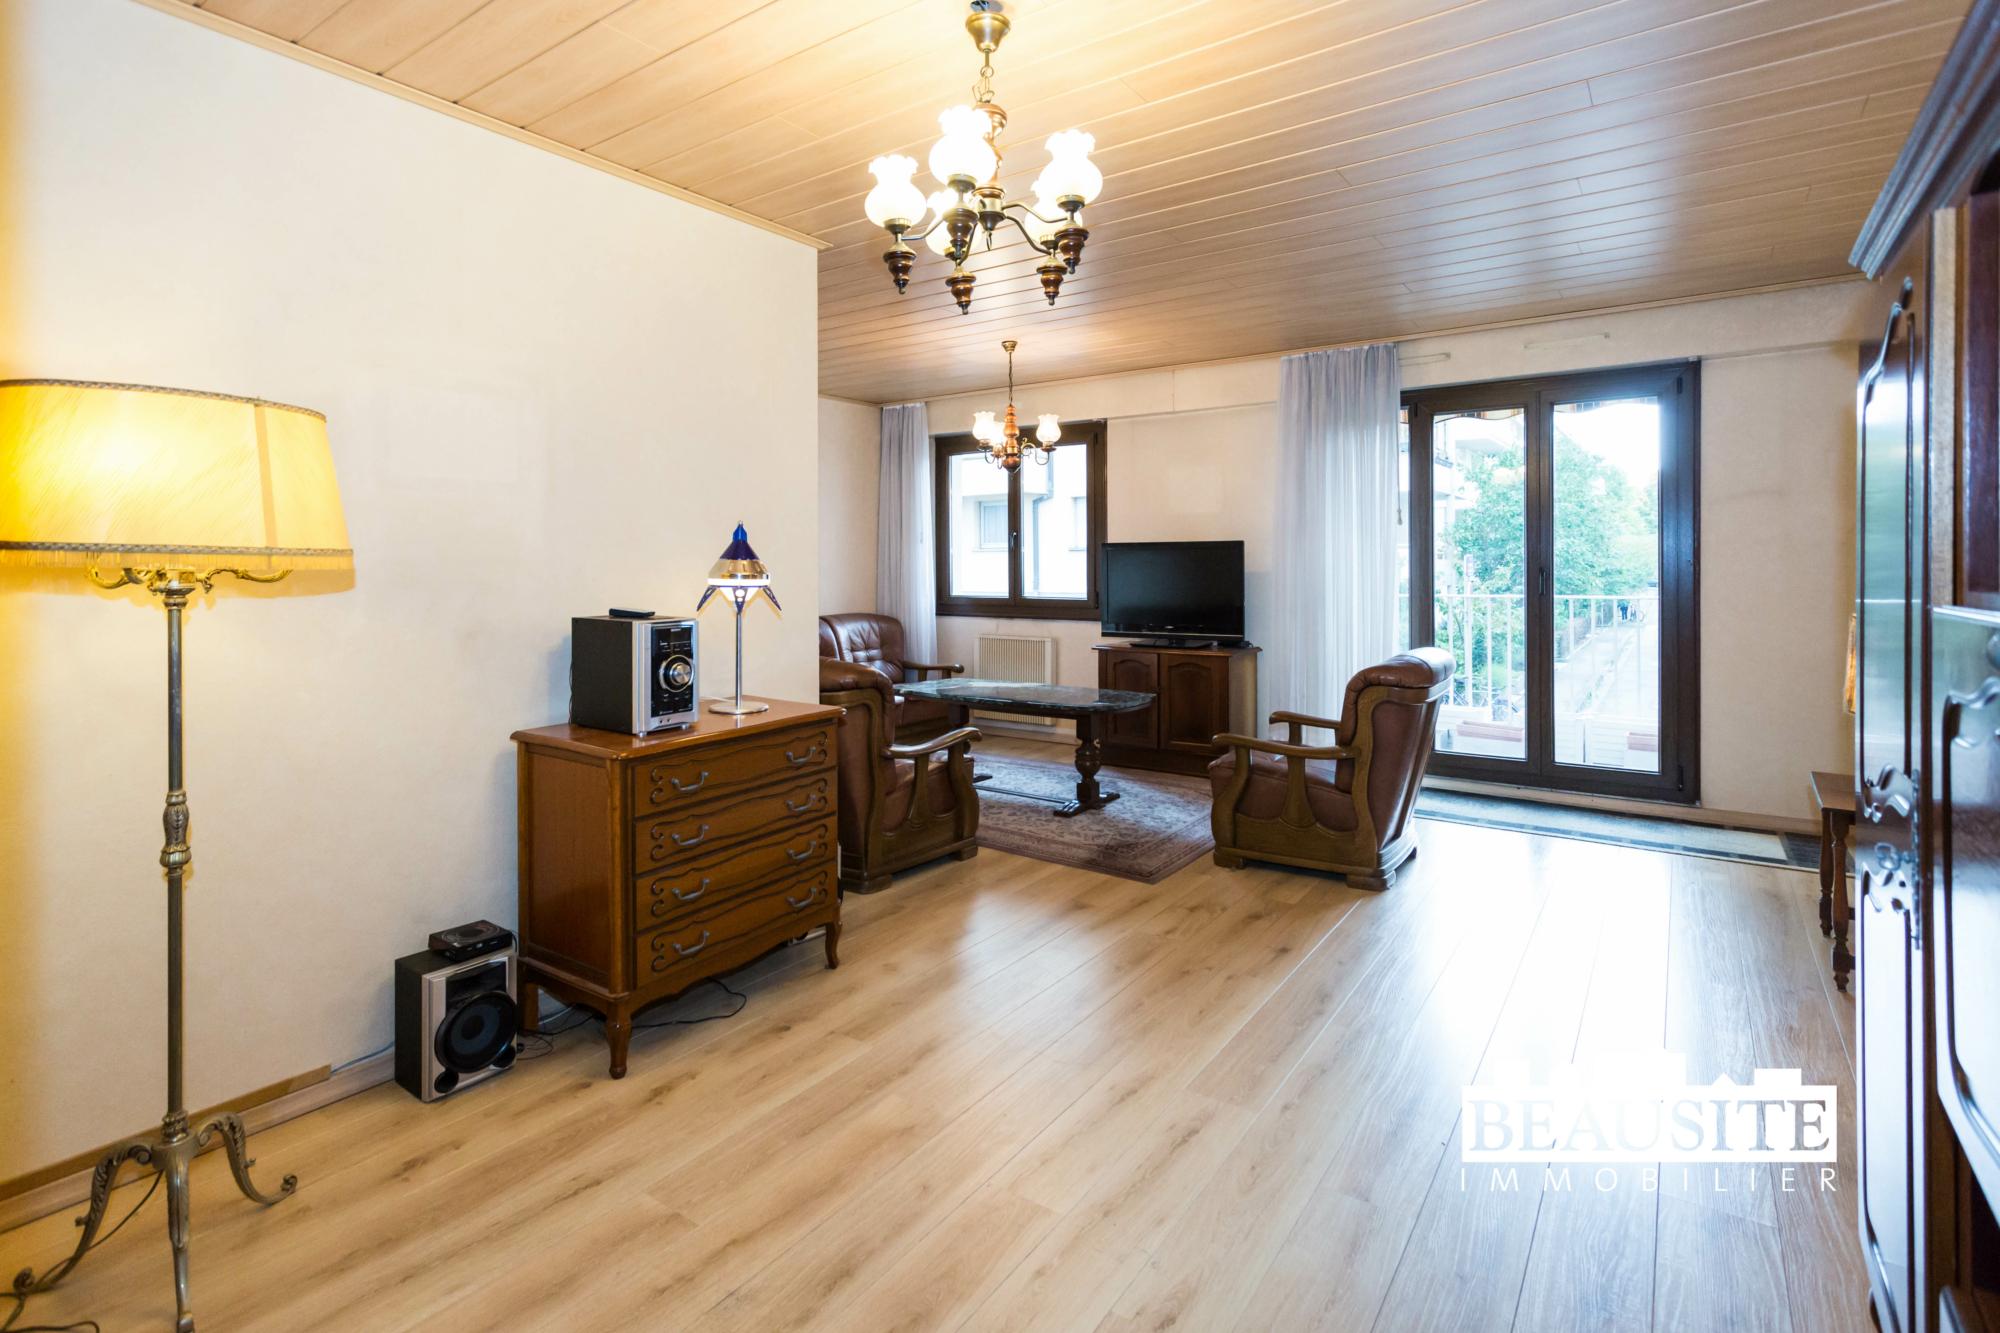 [Tonton] Un appartement familial avec balcon et garage - Neudorf / rue Saint-Amarin - nos ventes - Beausite Immobilier 1